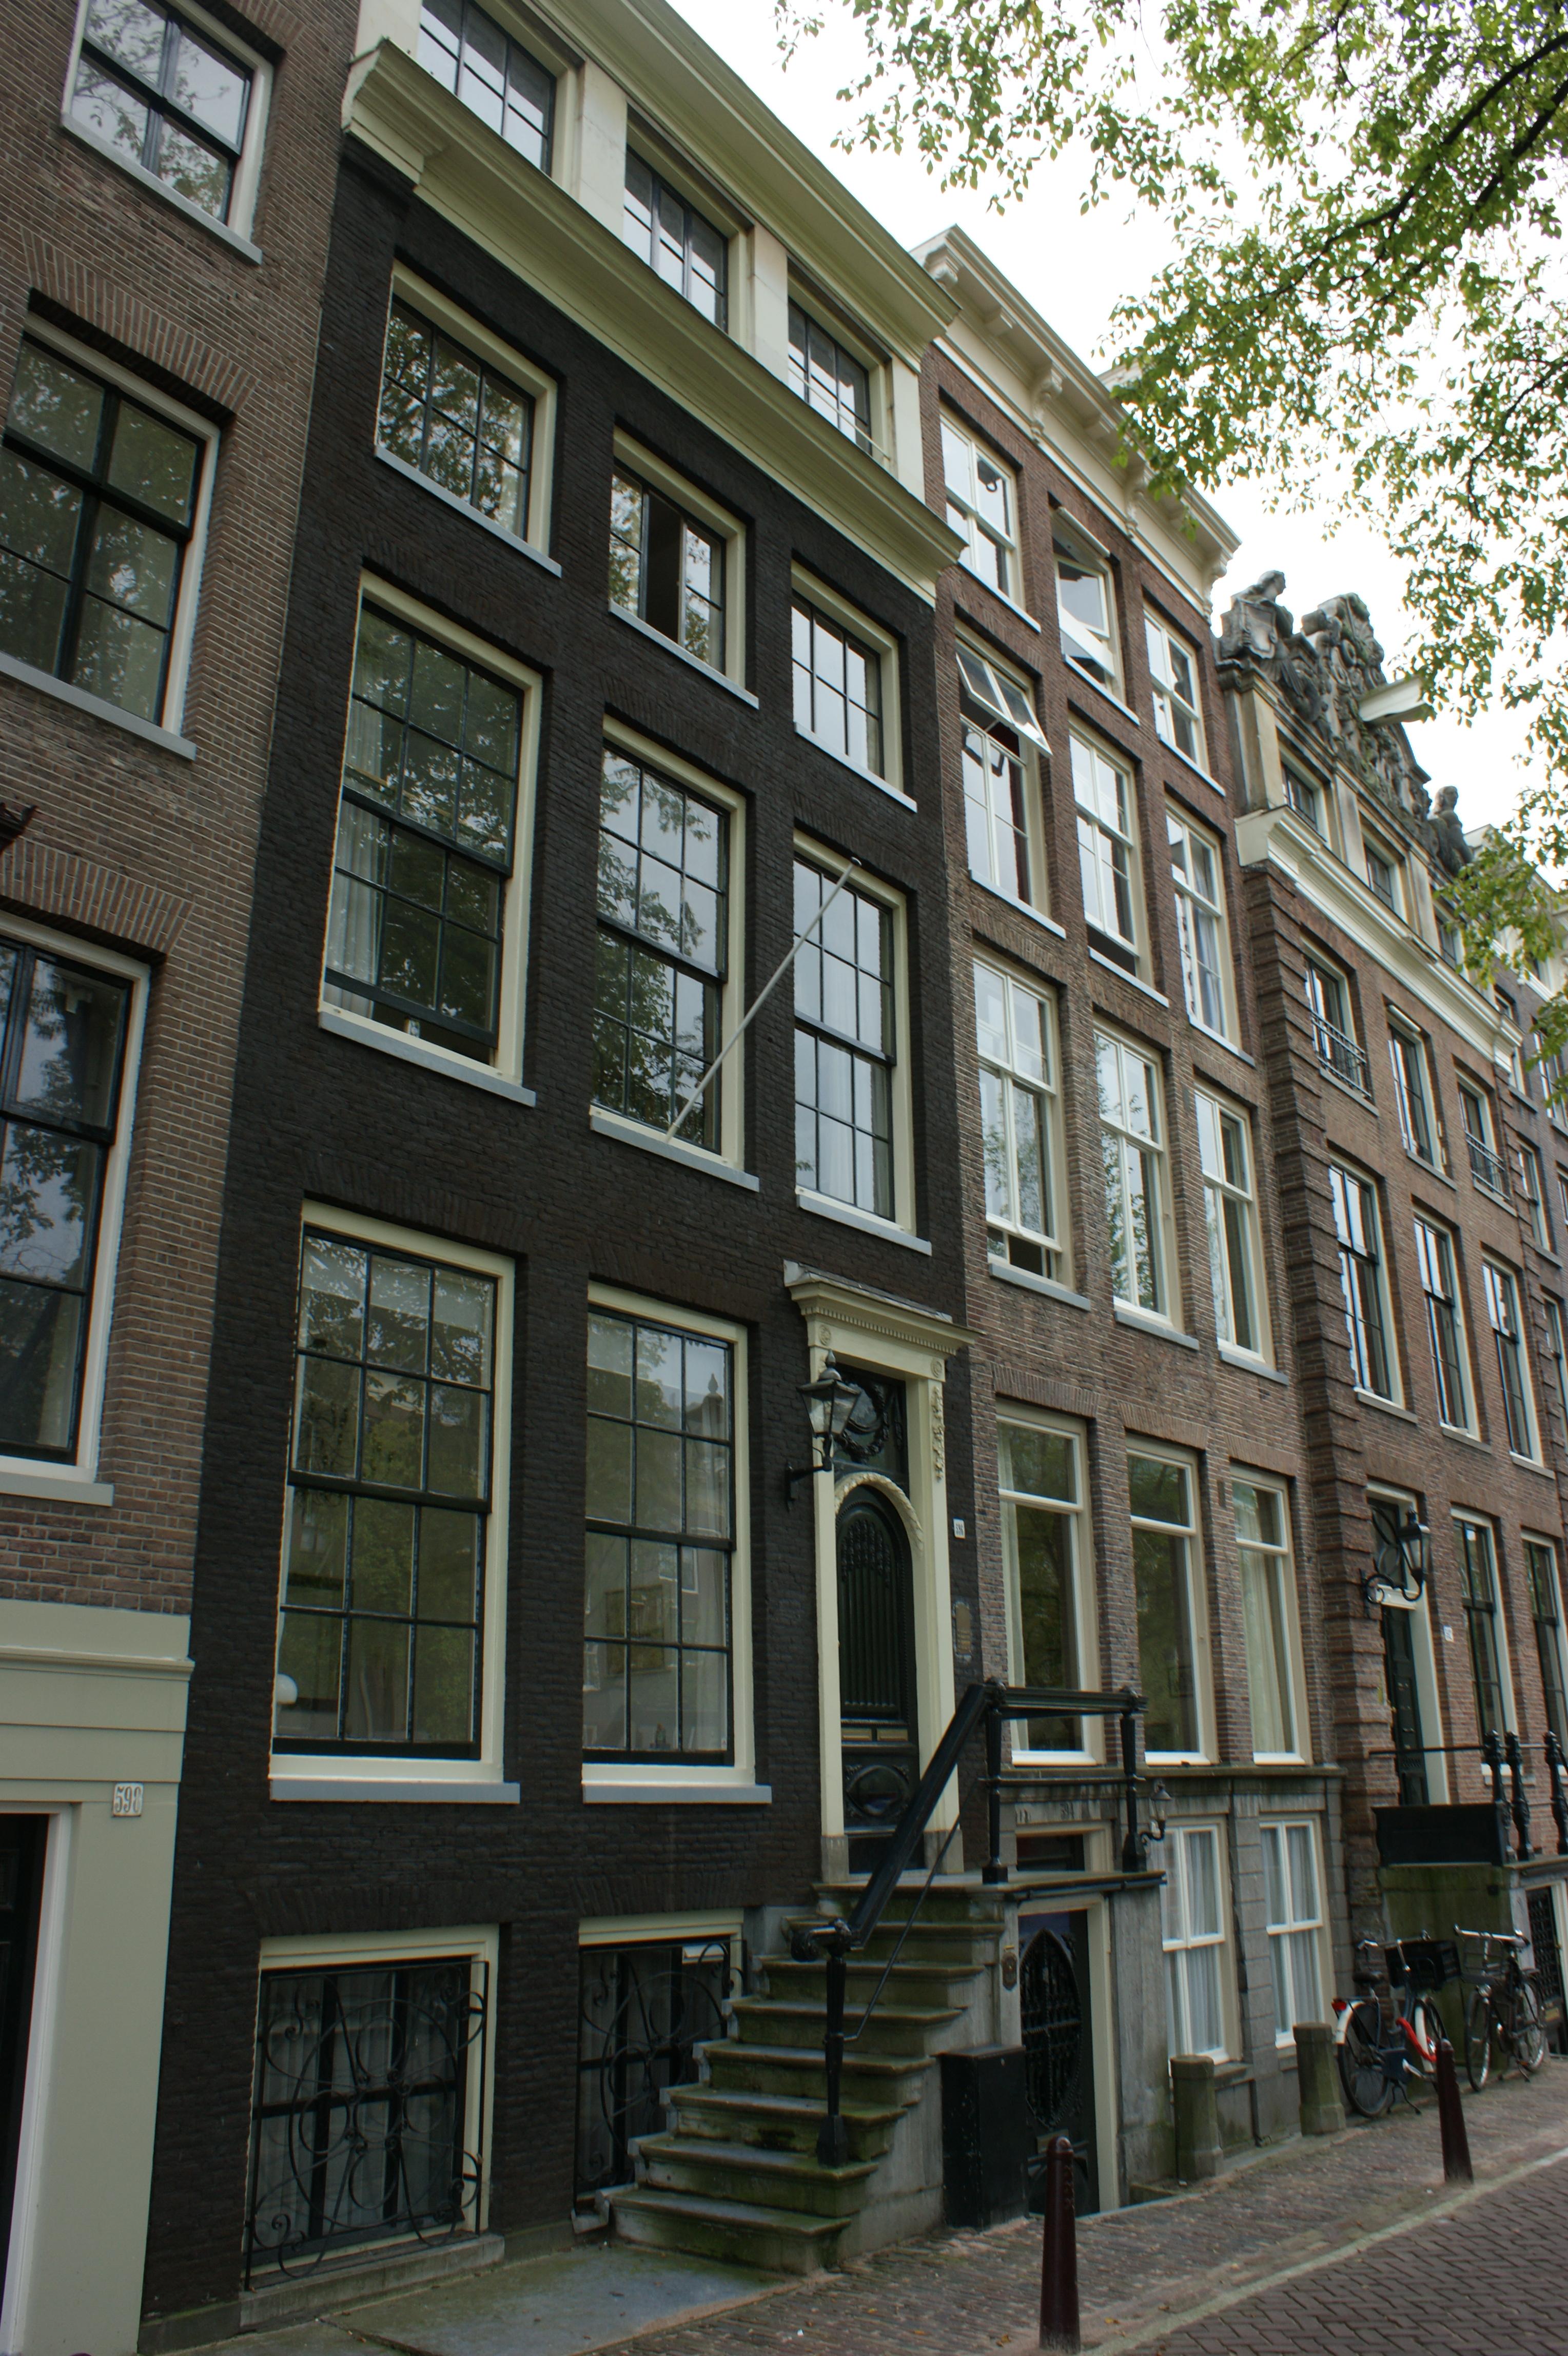 Huis met gevel onder rechte lijst in amsterdam monument for Lijst inrichting huis